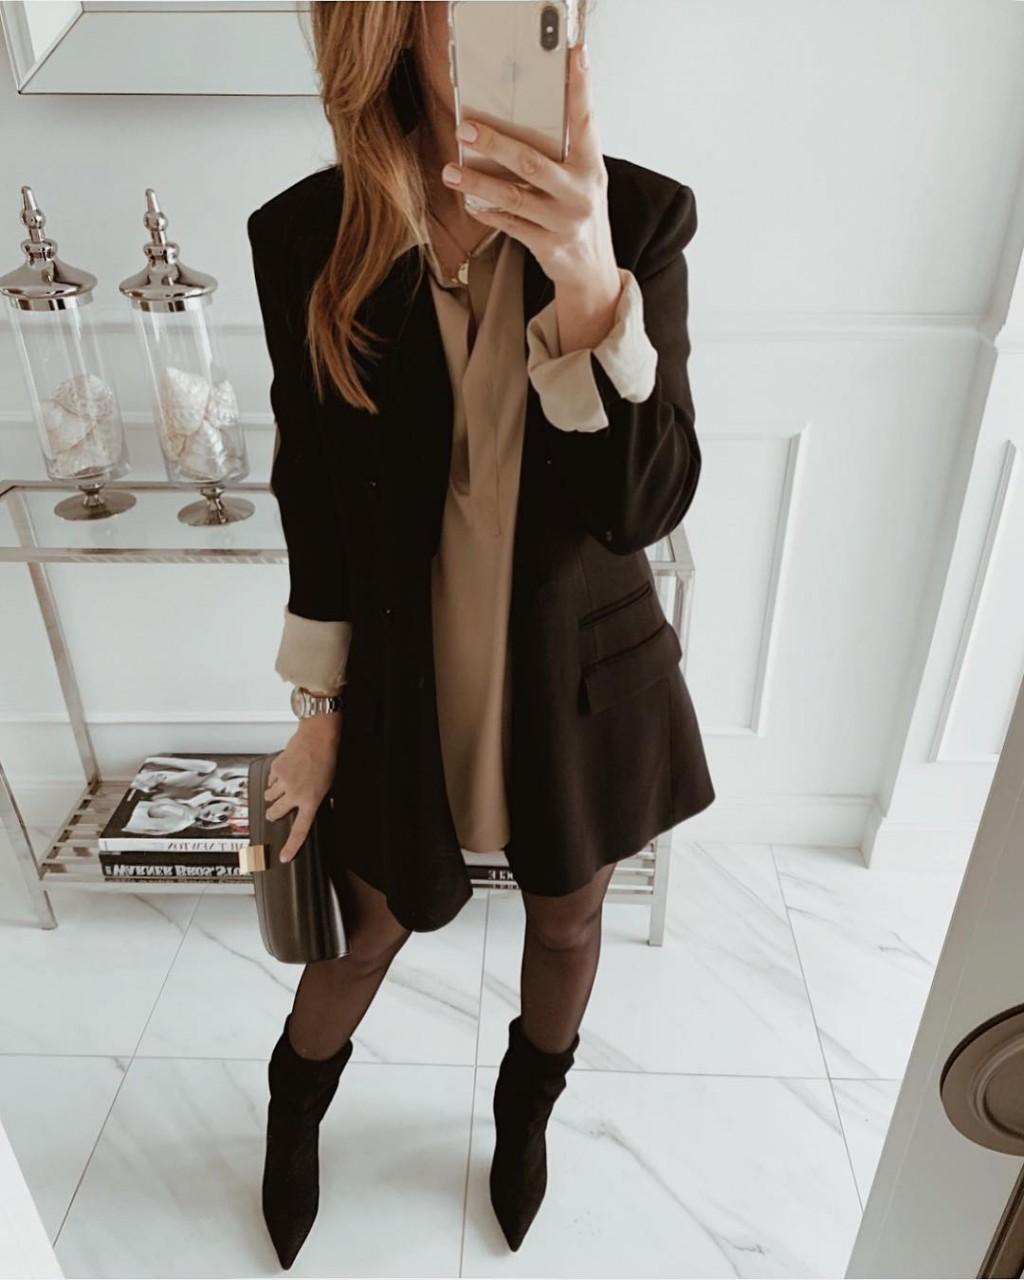 Деловой стиль для женщин возраста элегантности - 11 непревзойденных образов на весну 2019 мода